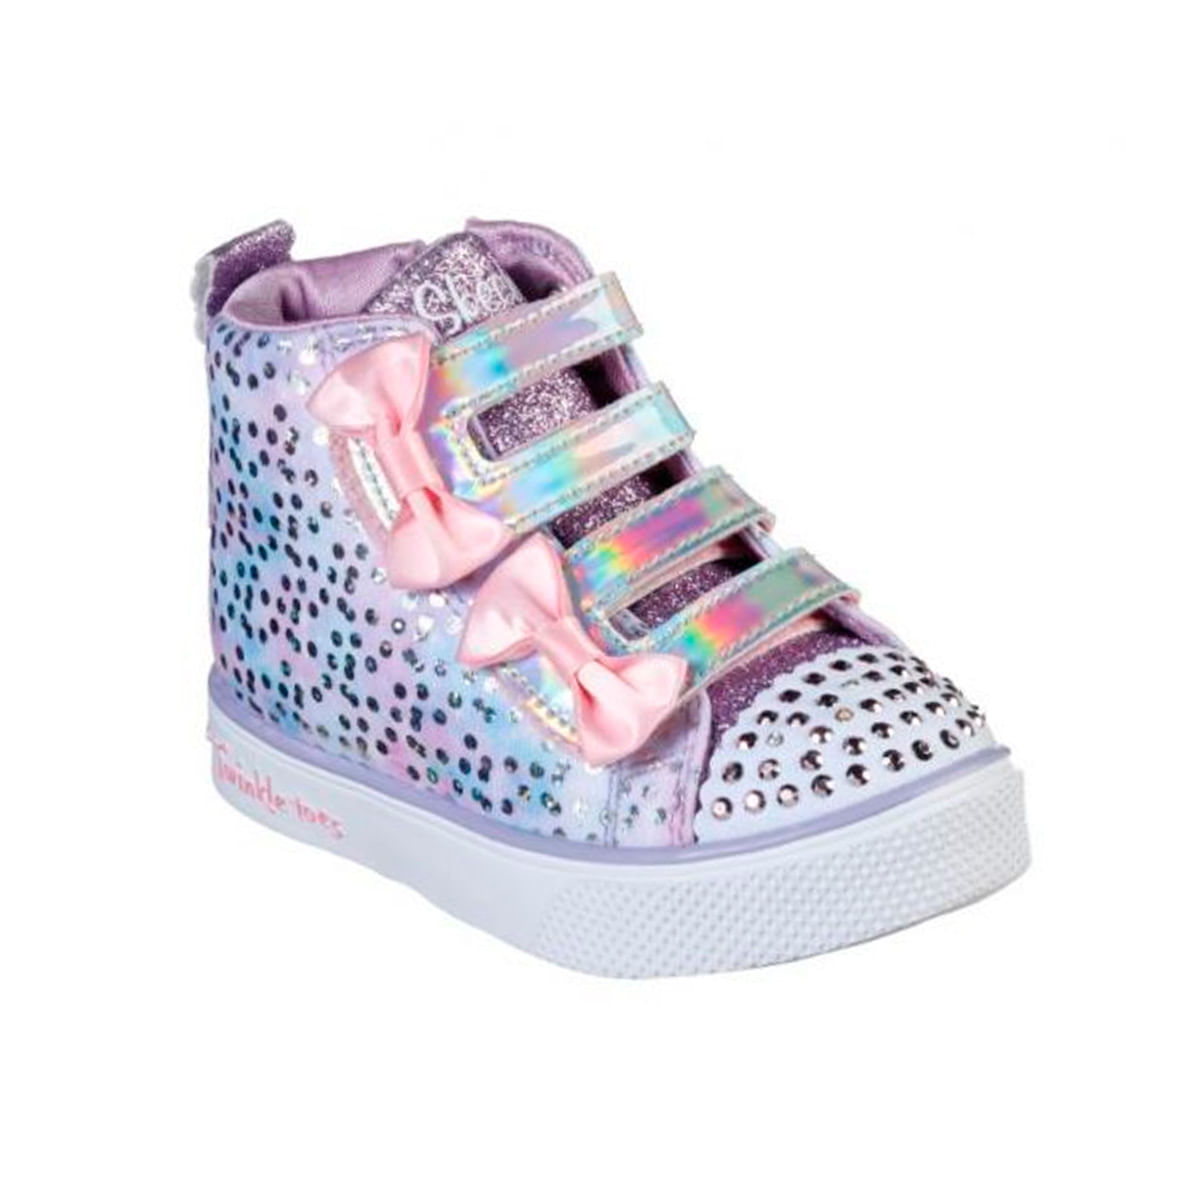 Tenis-Infantil-Skechers-Twinkle-Toes-Unicorn-Bliss_LVPK--21-26-